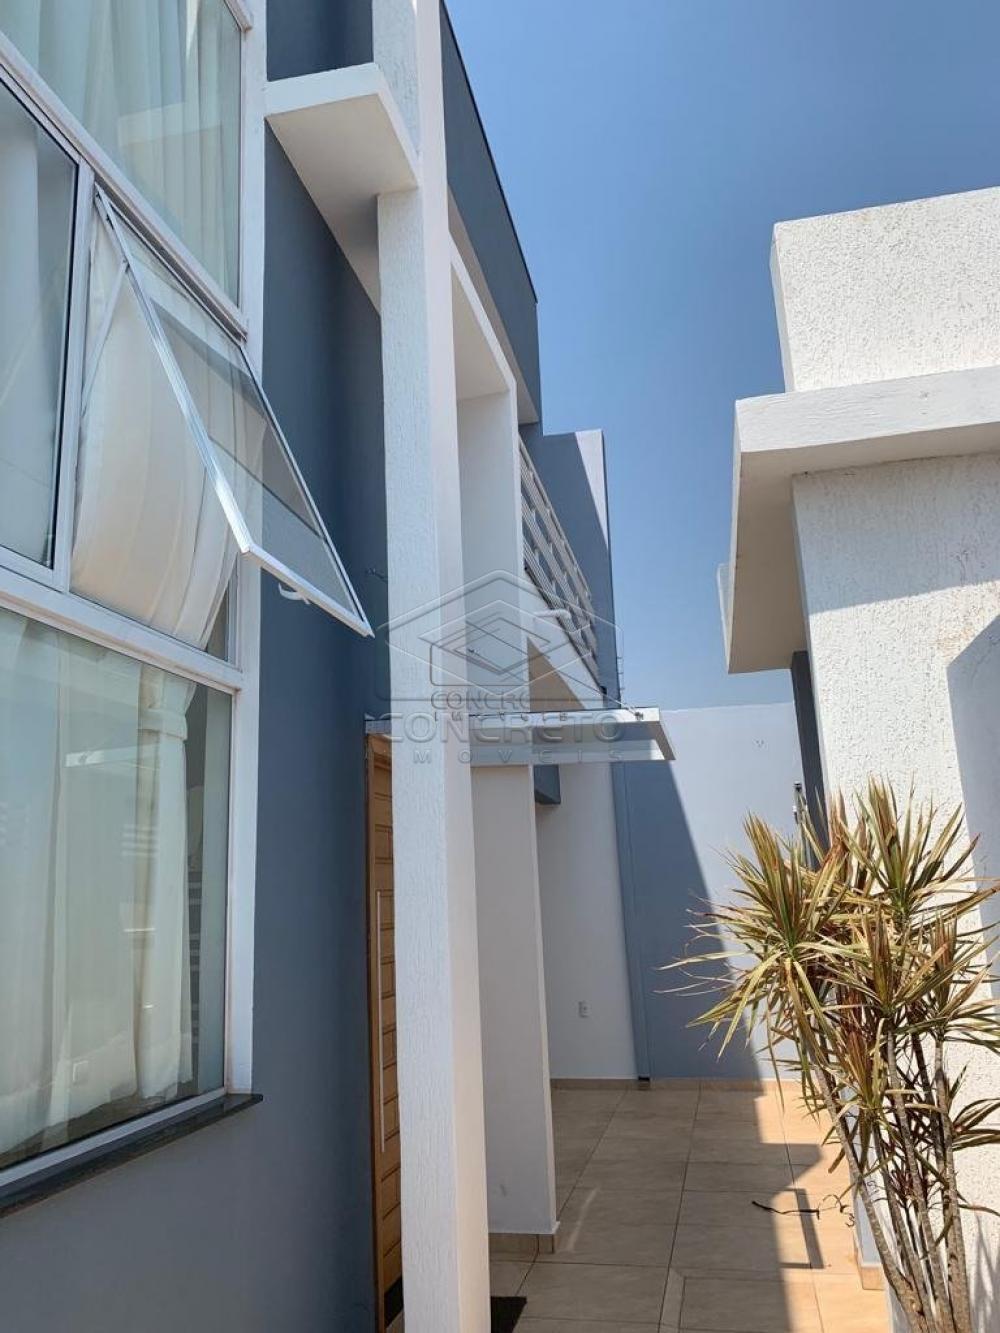 Comprar Casa / Padrão em Sao Manuel apenas R$ 650.000,00 - Foto 61